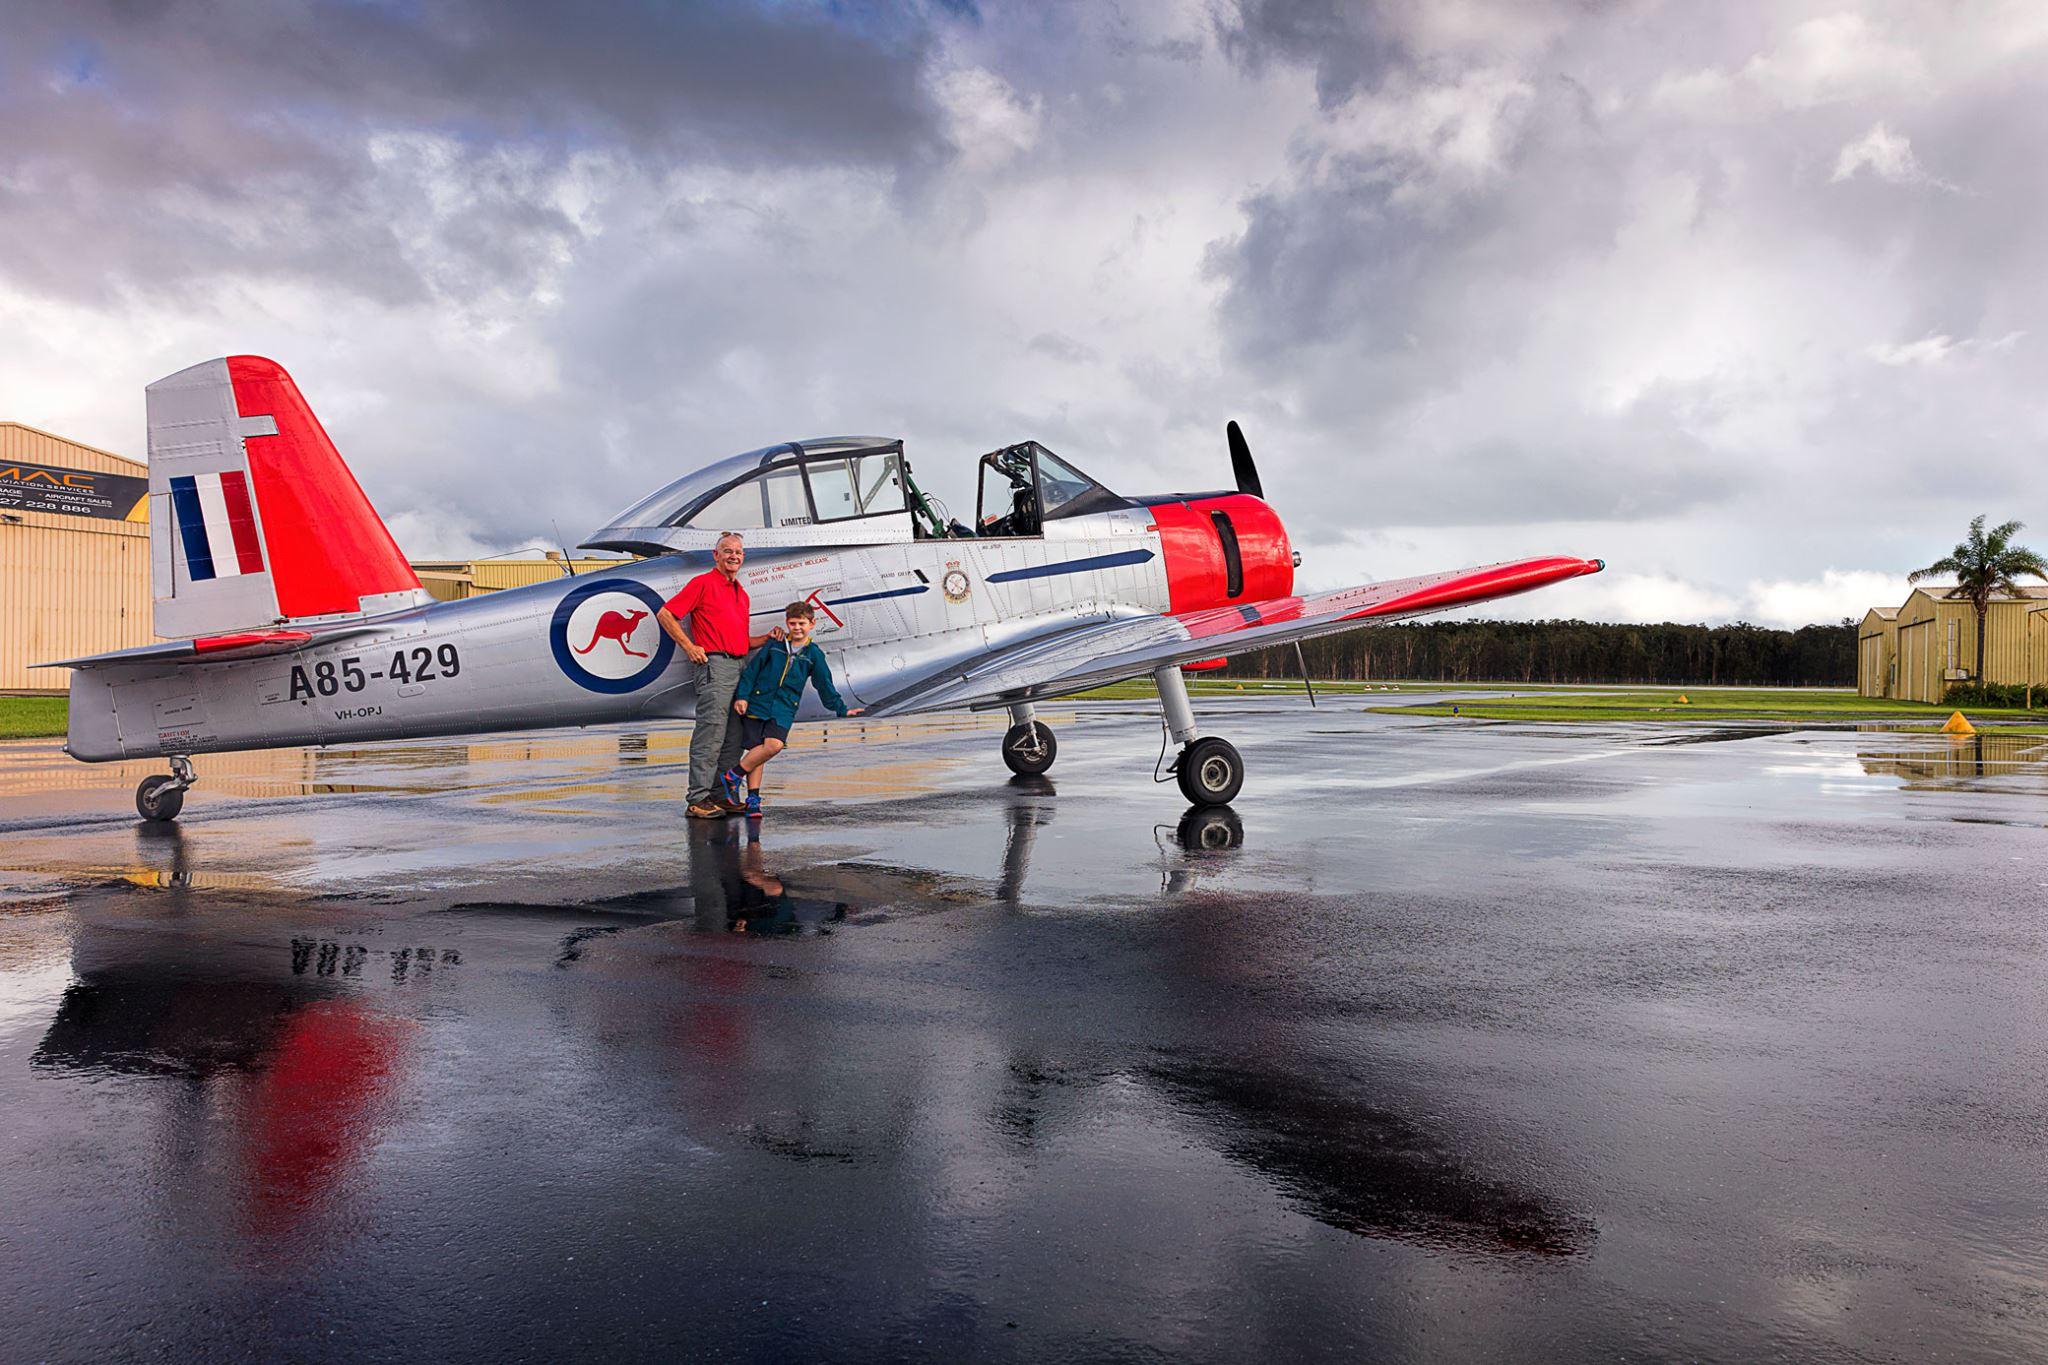 Jet Fighter: Adventure and Adrenaline flights in Australia - CA-25 Winjeel